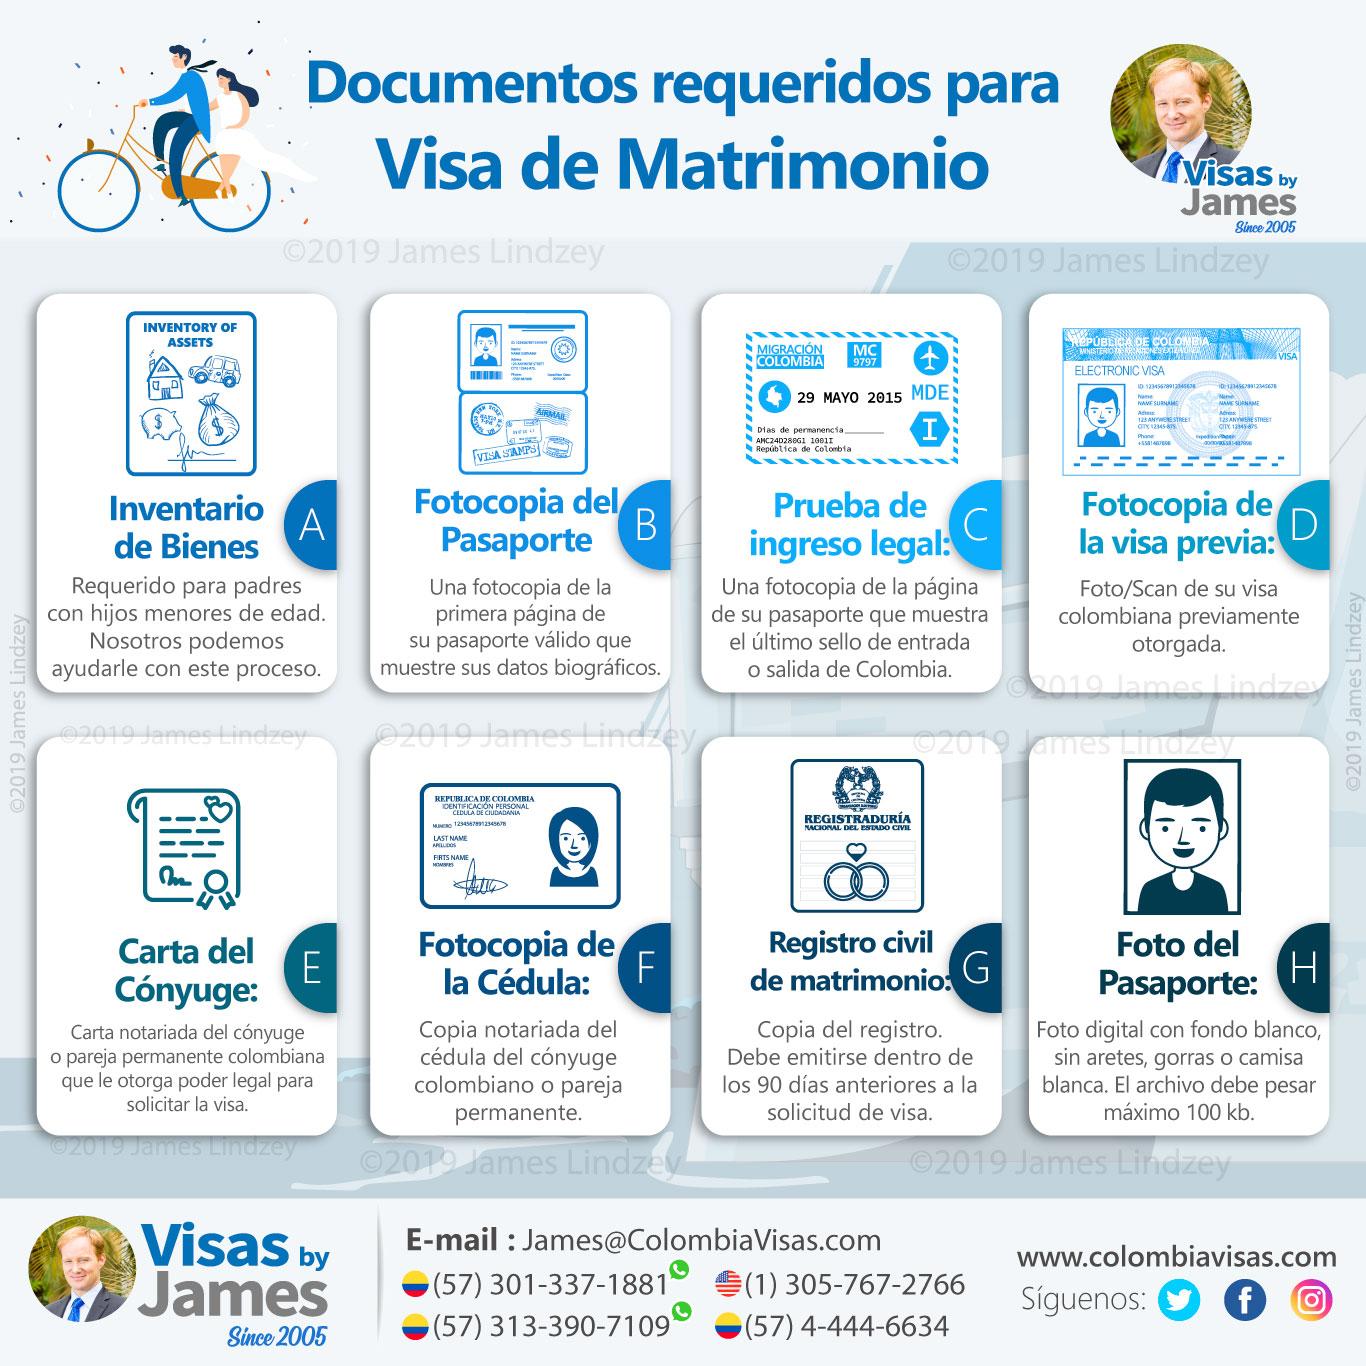 documentos requeridos para visa de matrimonio